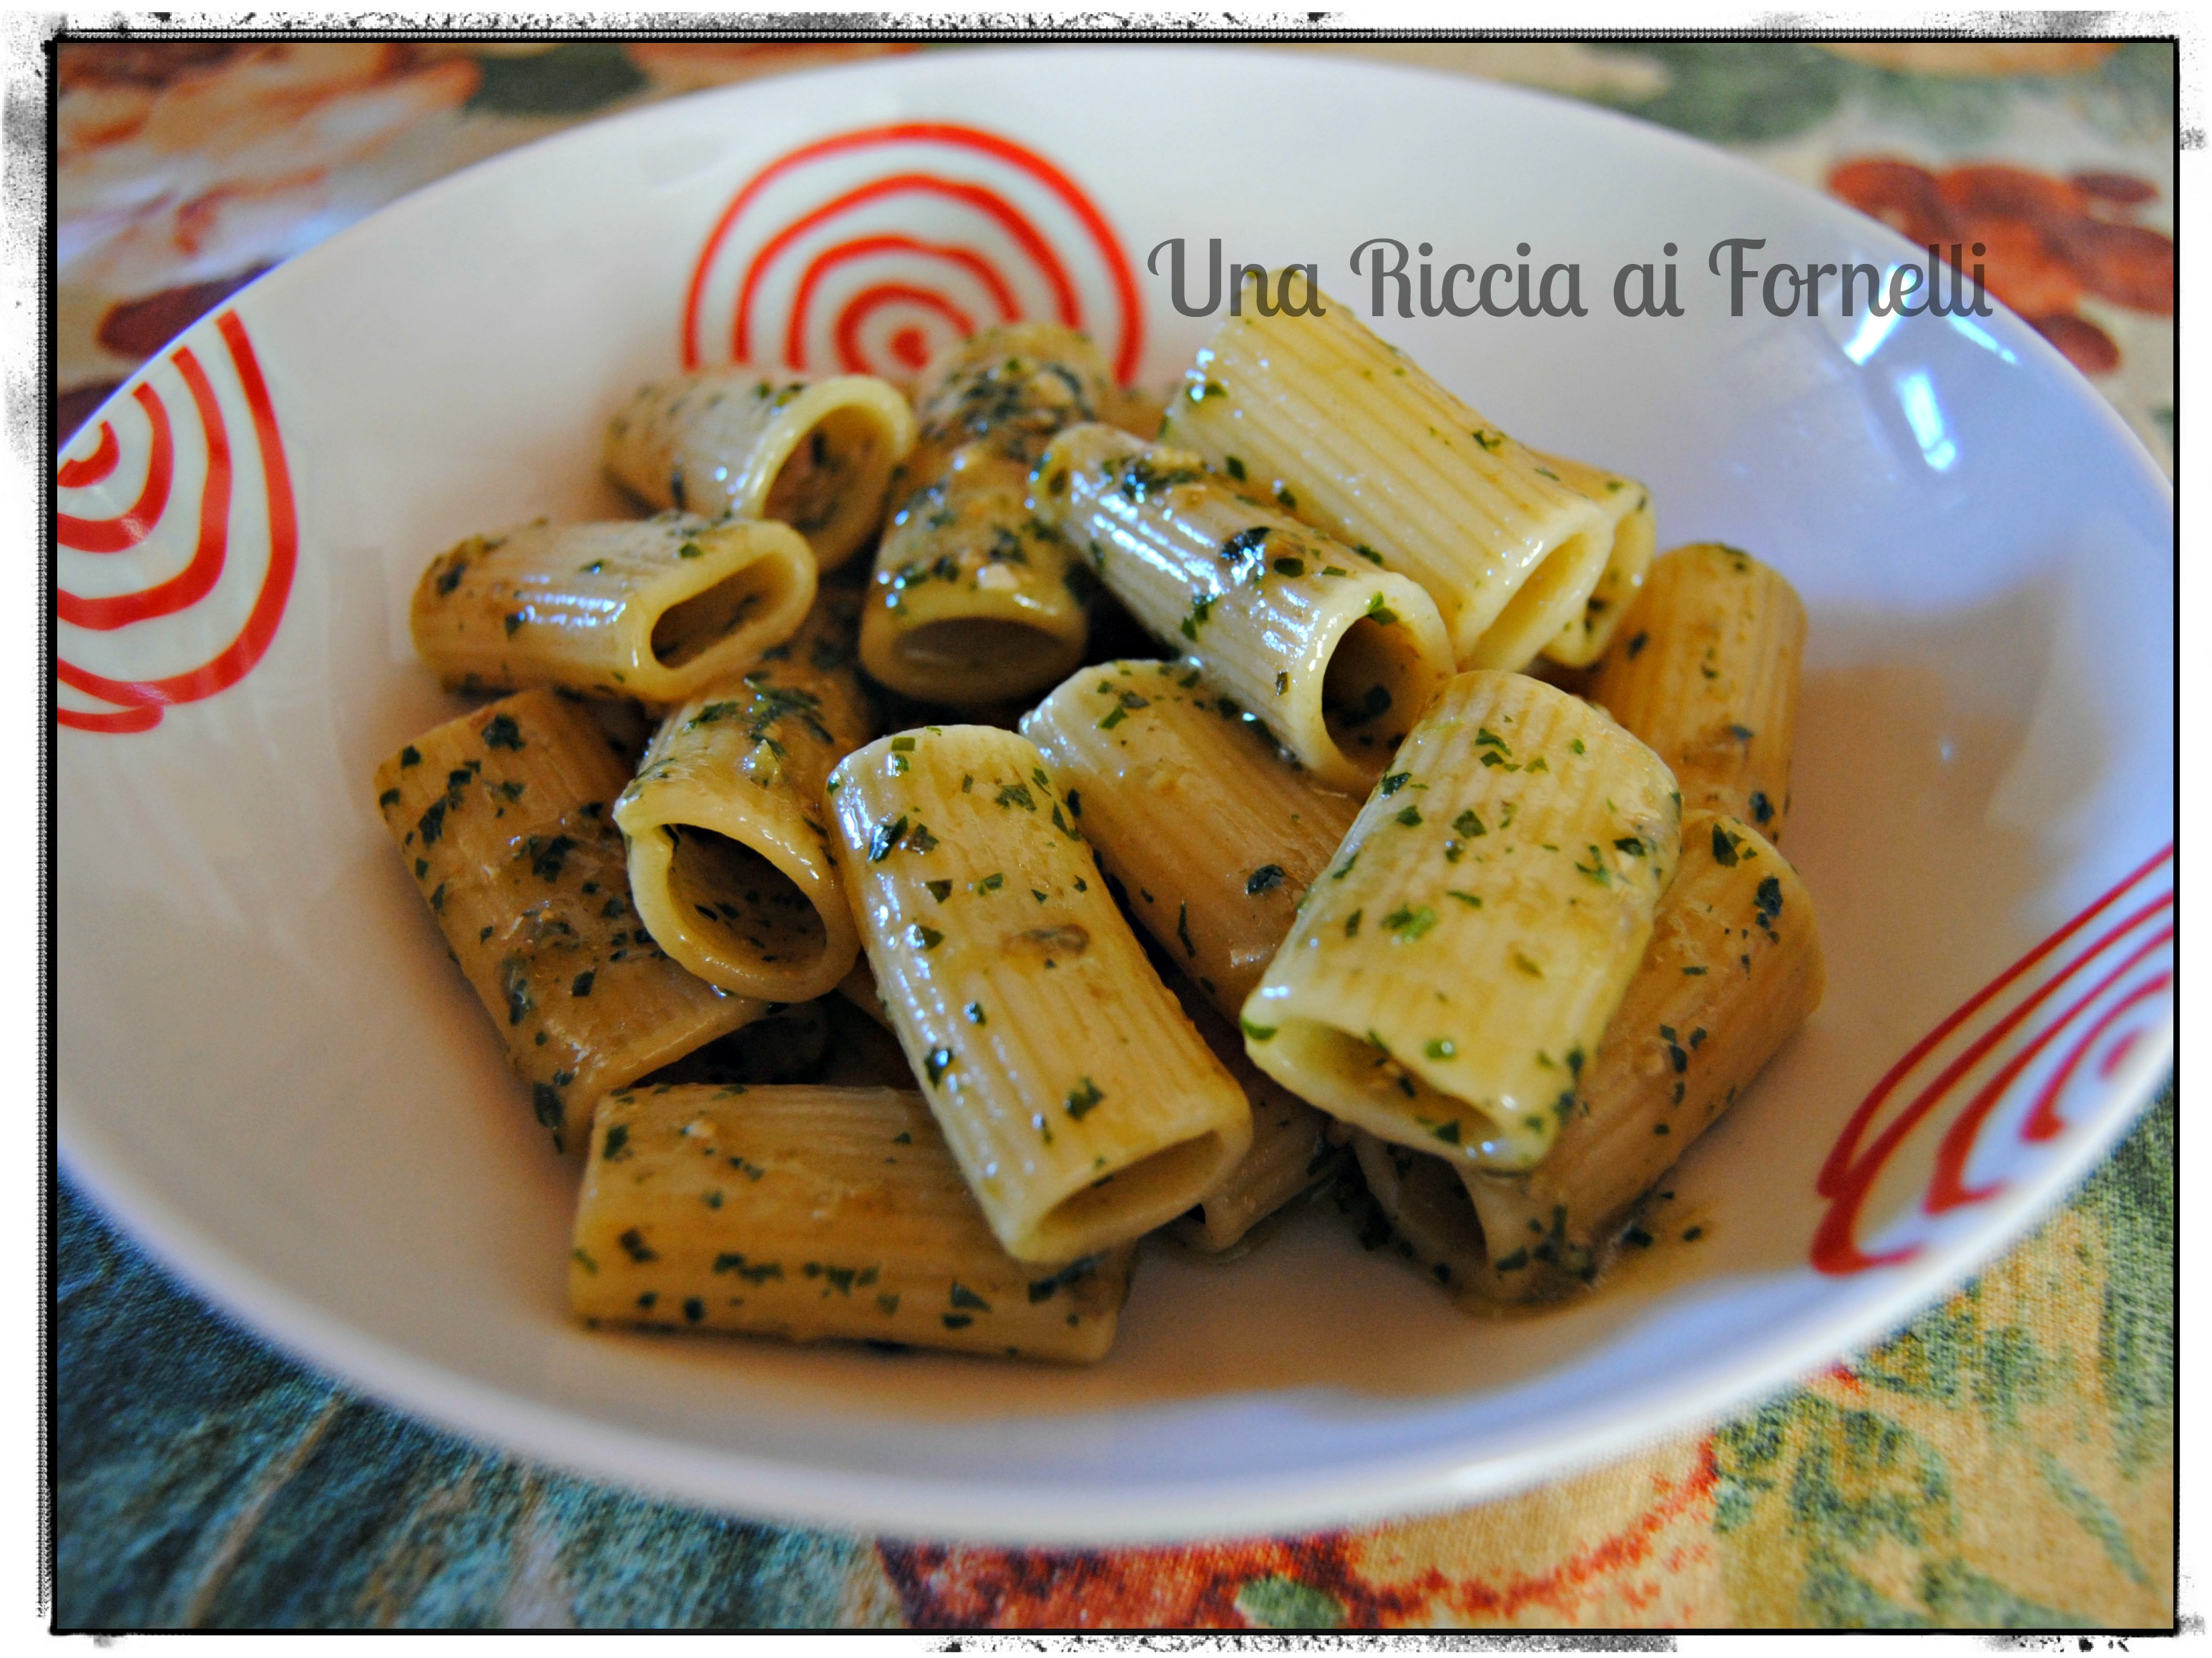 Pasta al pesto ricetta veloce una riccia ai fornelli for Pasta ricette veloci